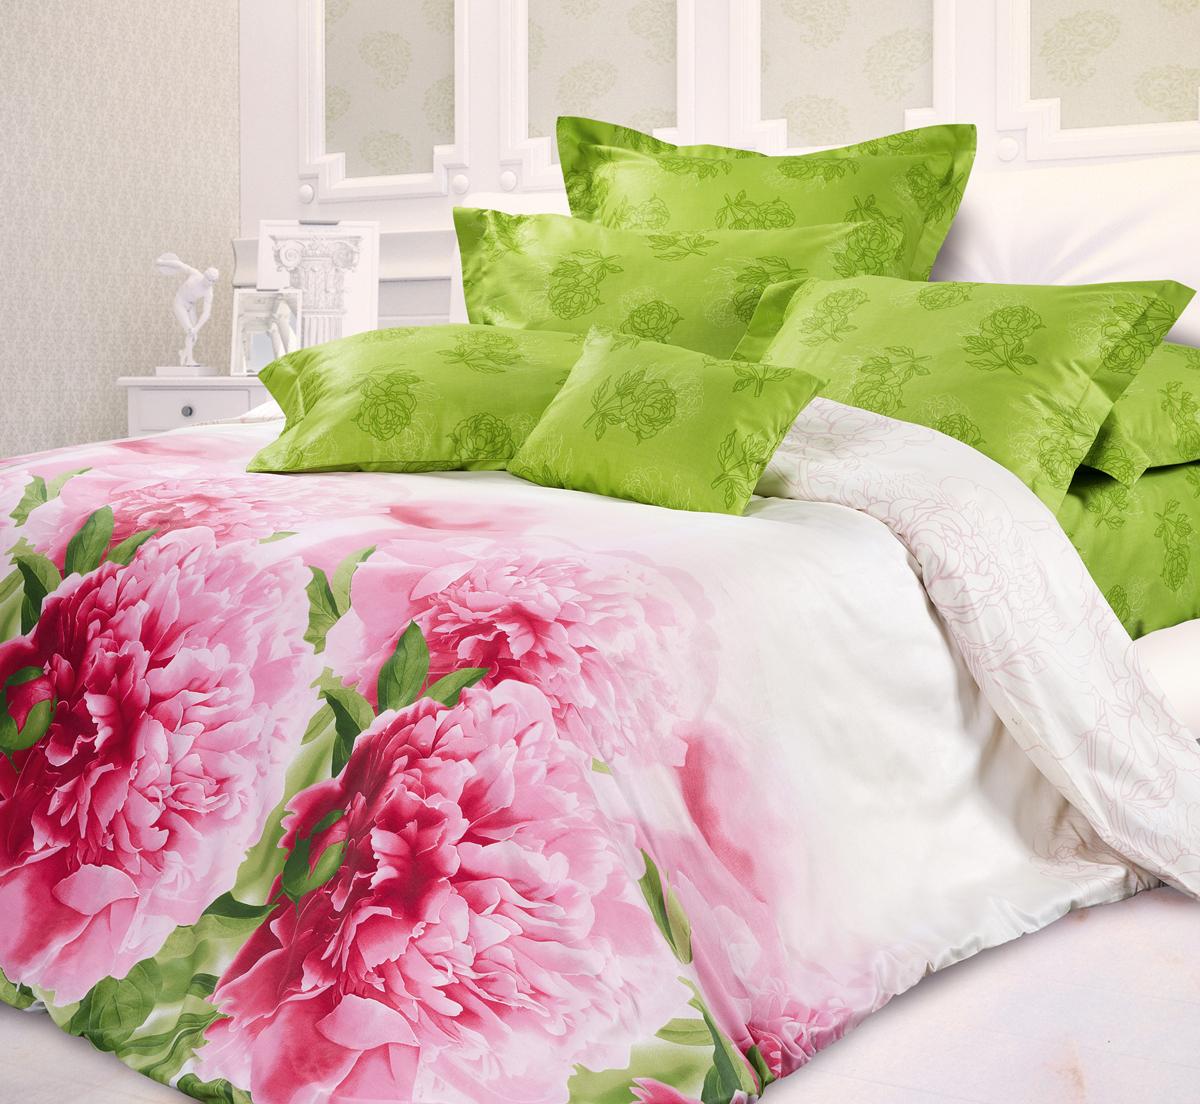 Комплект белья Унисон Дивный сад, евро, наволочки 70 х 70, цвет: розовый. 329476329476Роскошная коллекция постельного белья из 100% хлопка высшего качества. Мягкий, износостойкий, нежный сатин с благородным шелковистым блеском производится из крученой хлопковой нити по специальной технологии двойного плетения.